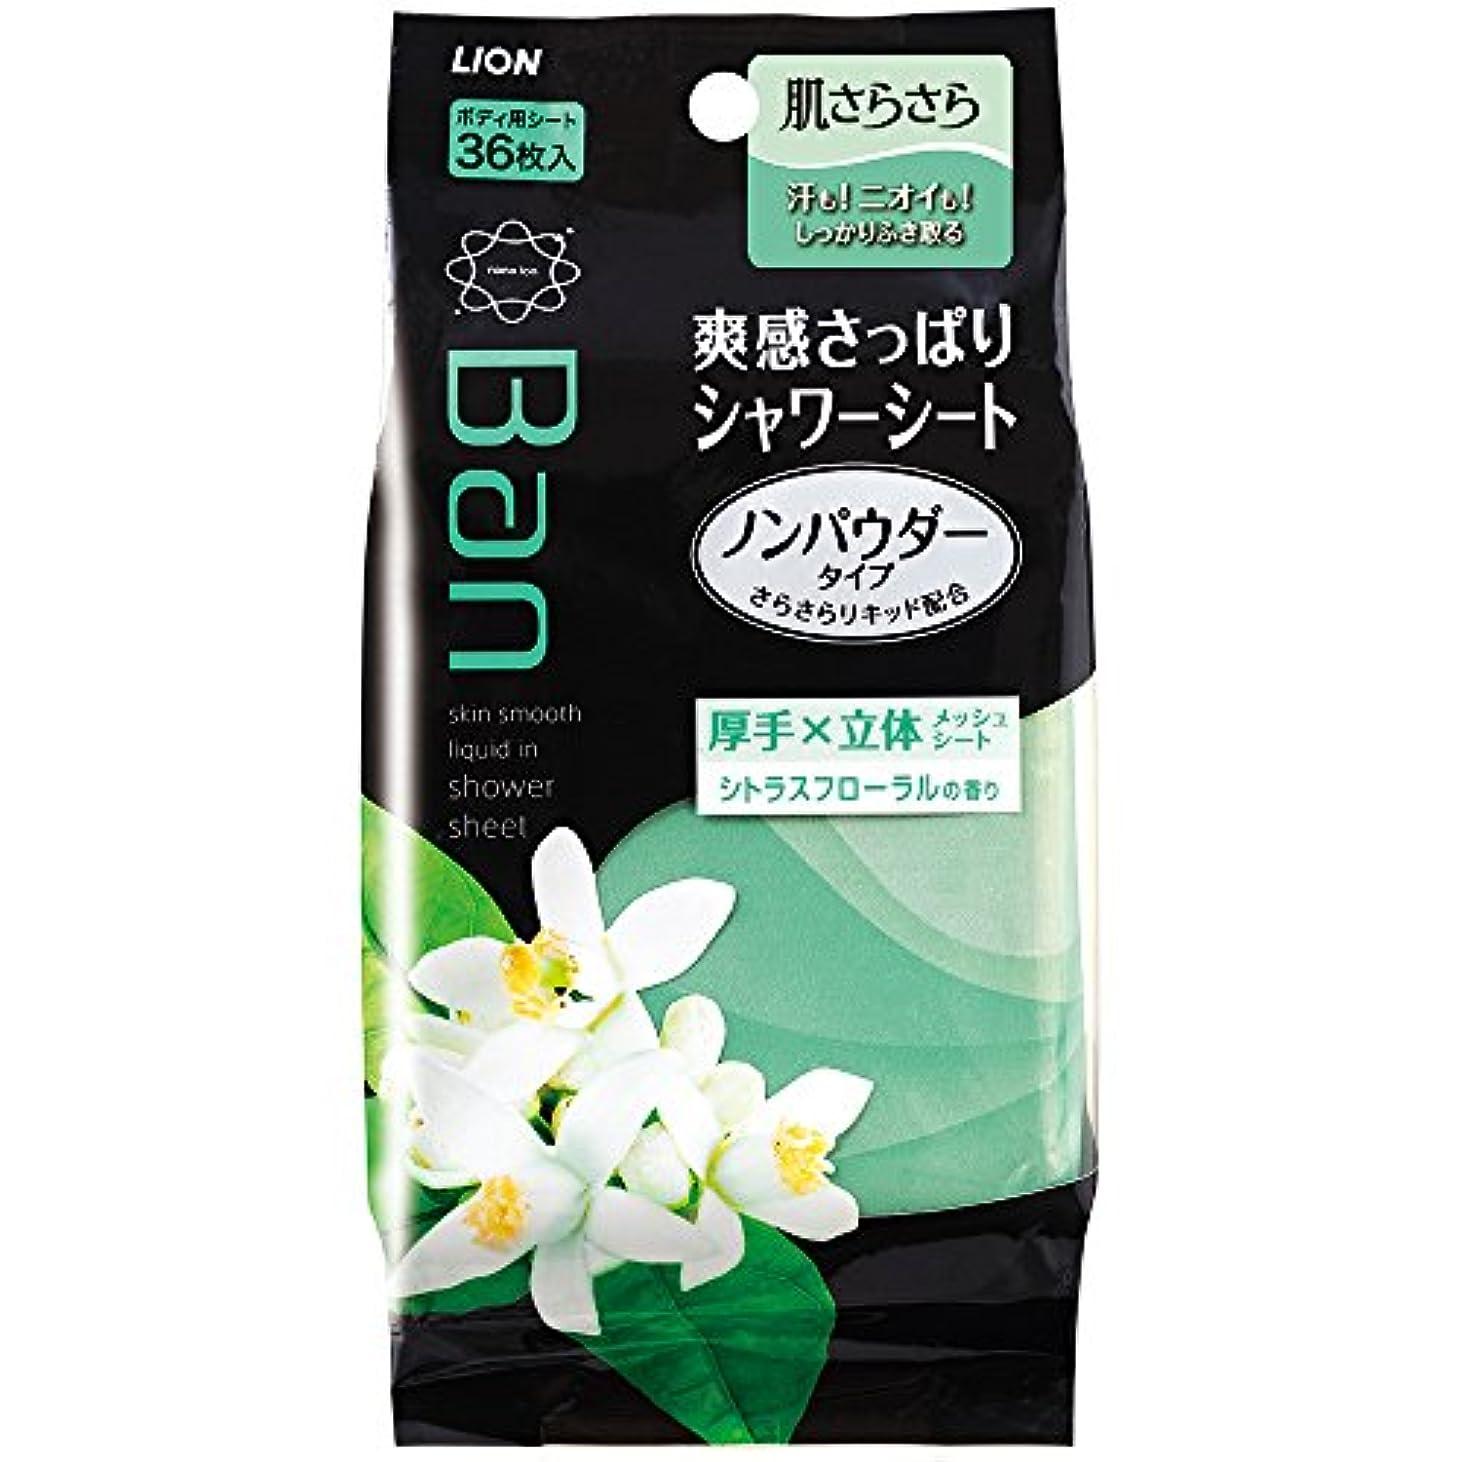 残り腹部作成するBan(バン) 爽感さっぱりシャワーシート ノンパウダータイプ シトラスフローラルの香り 36枚